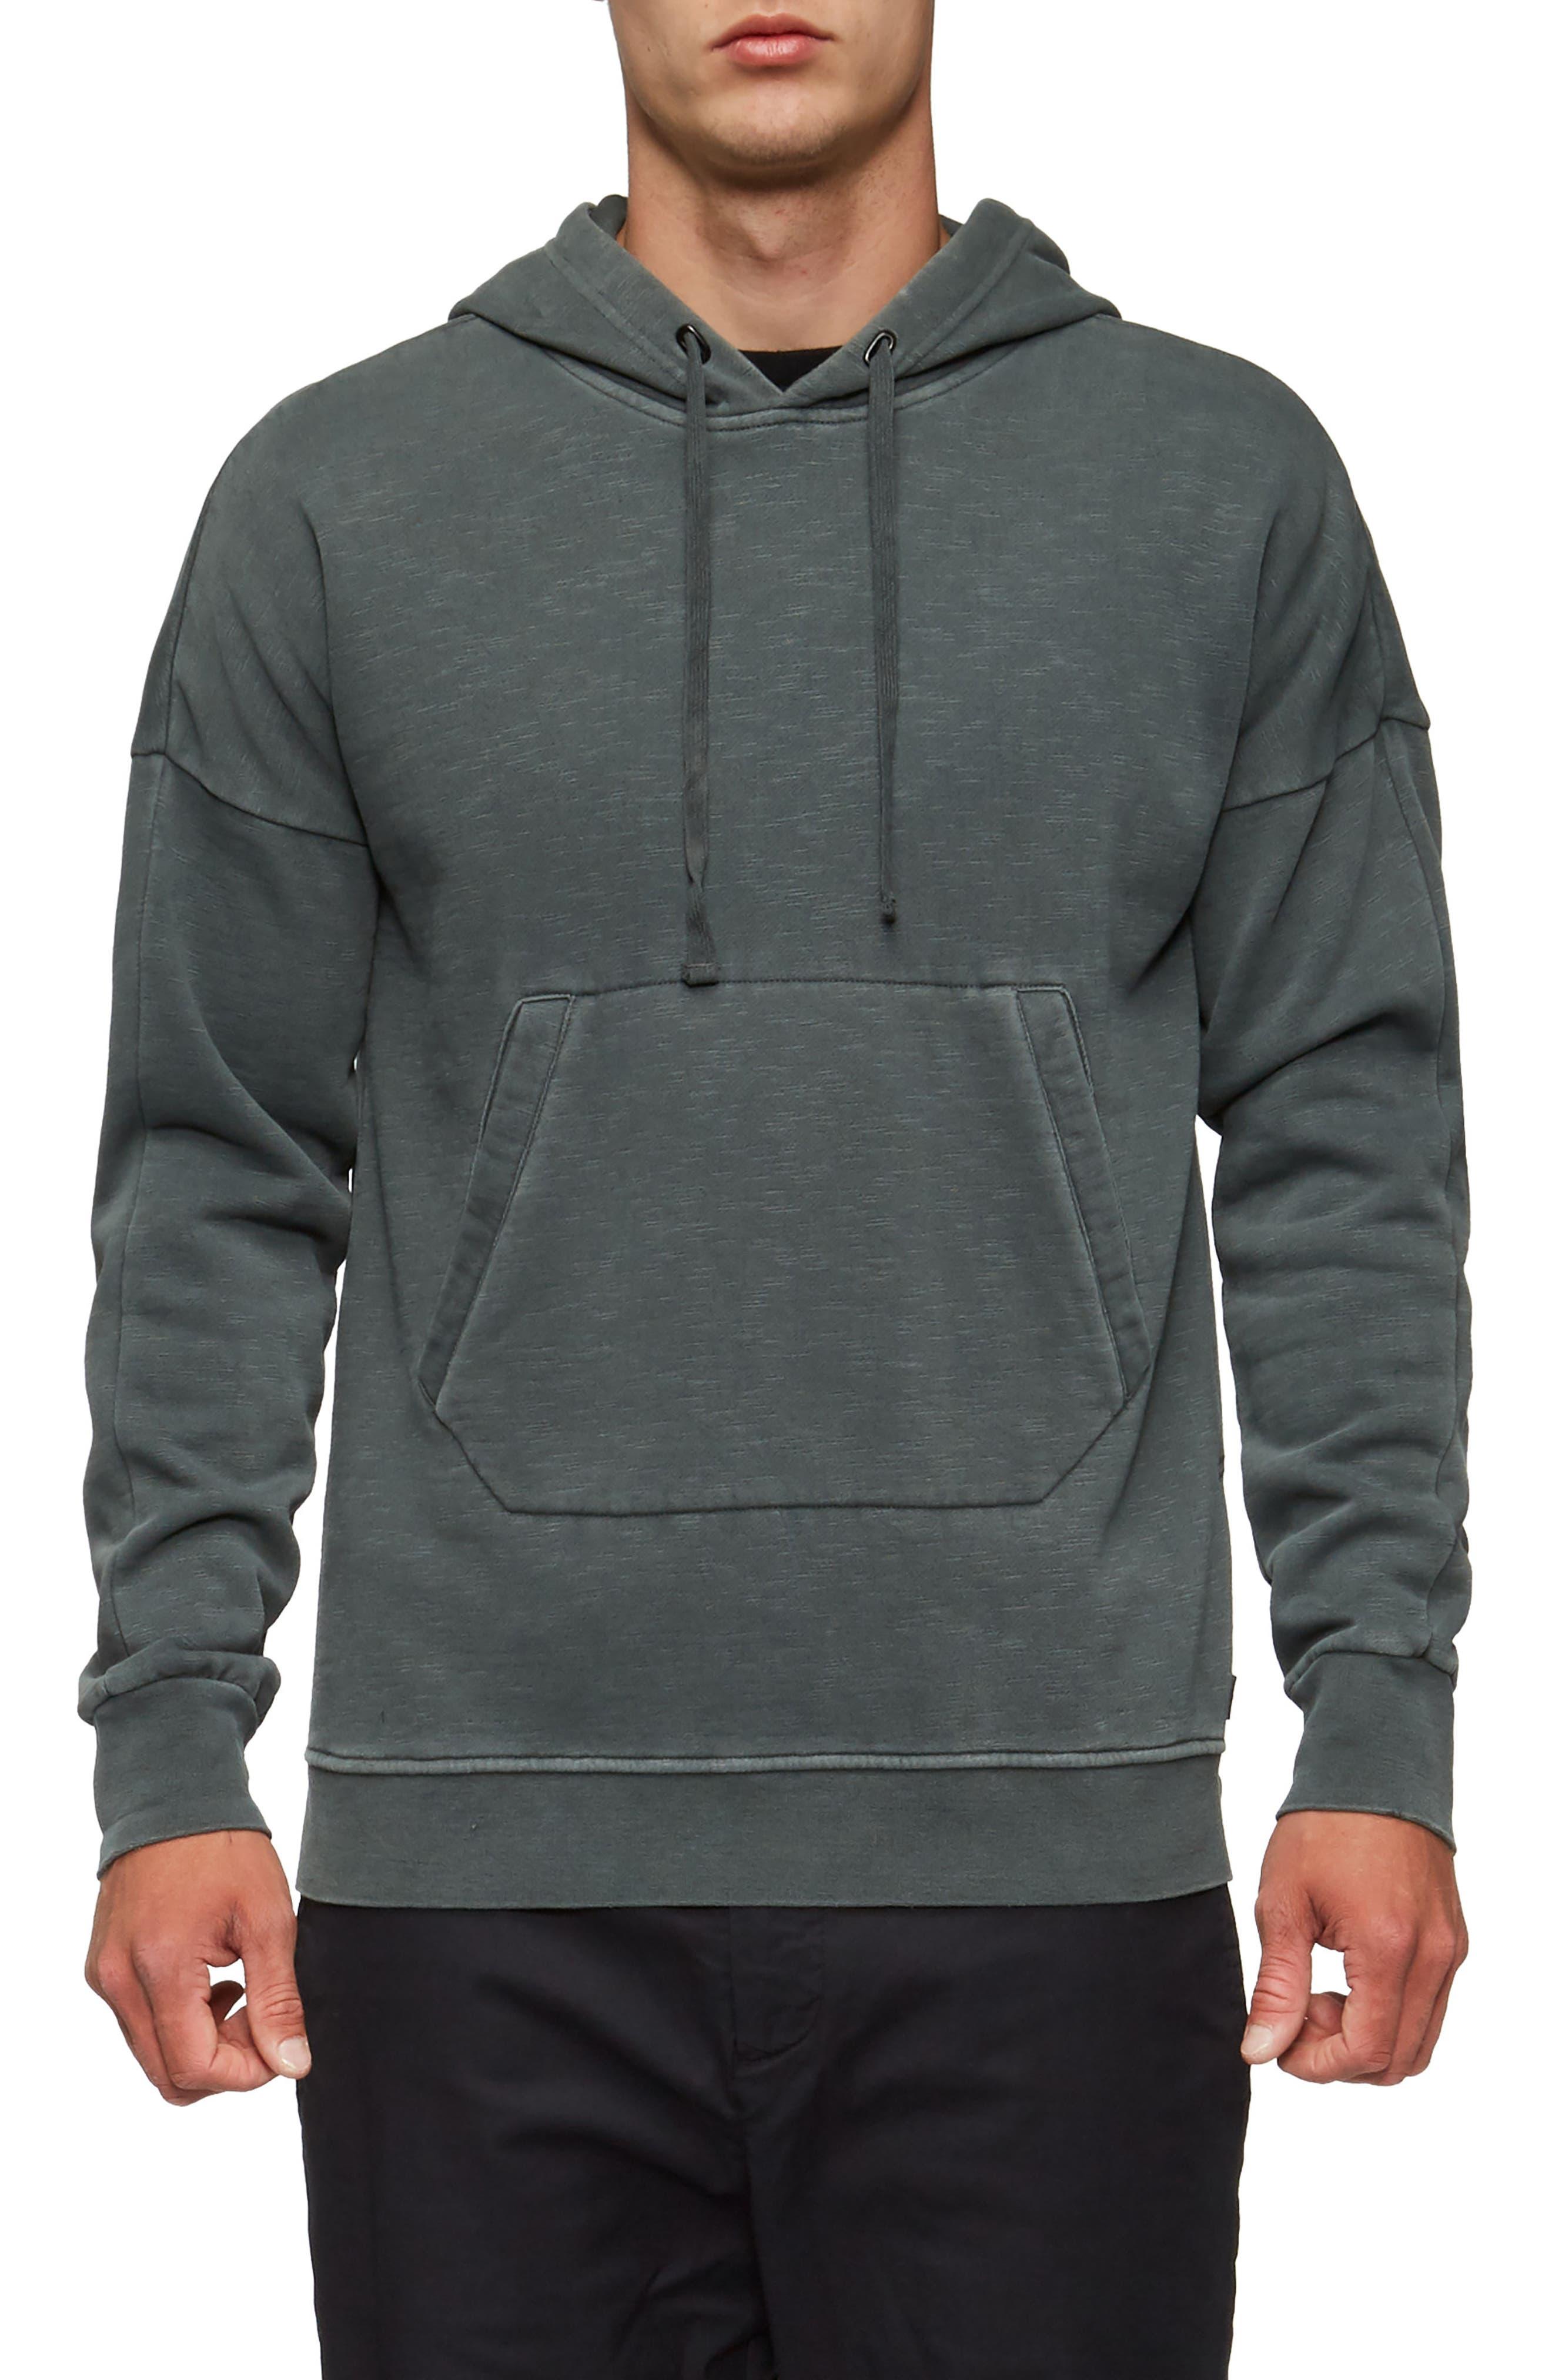 TAVIK Turf Hooded Sweatshirt